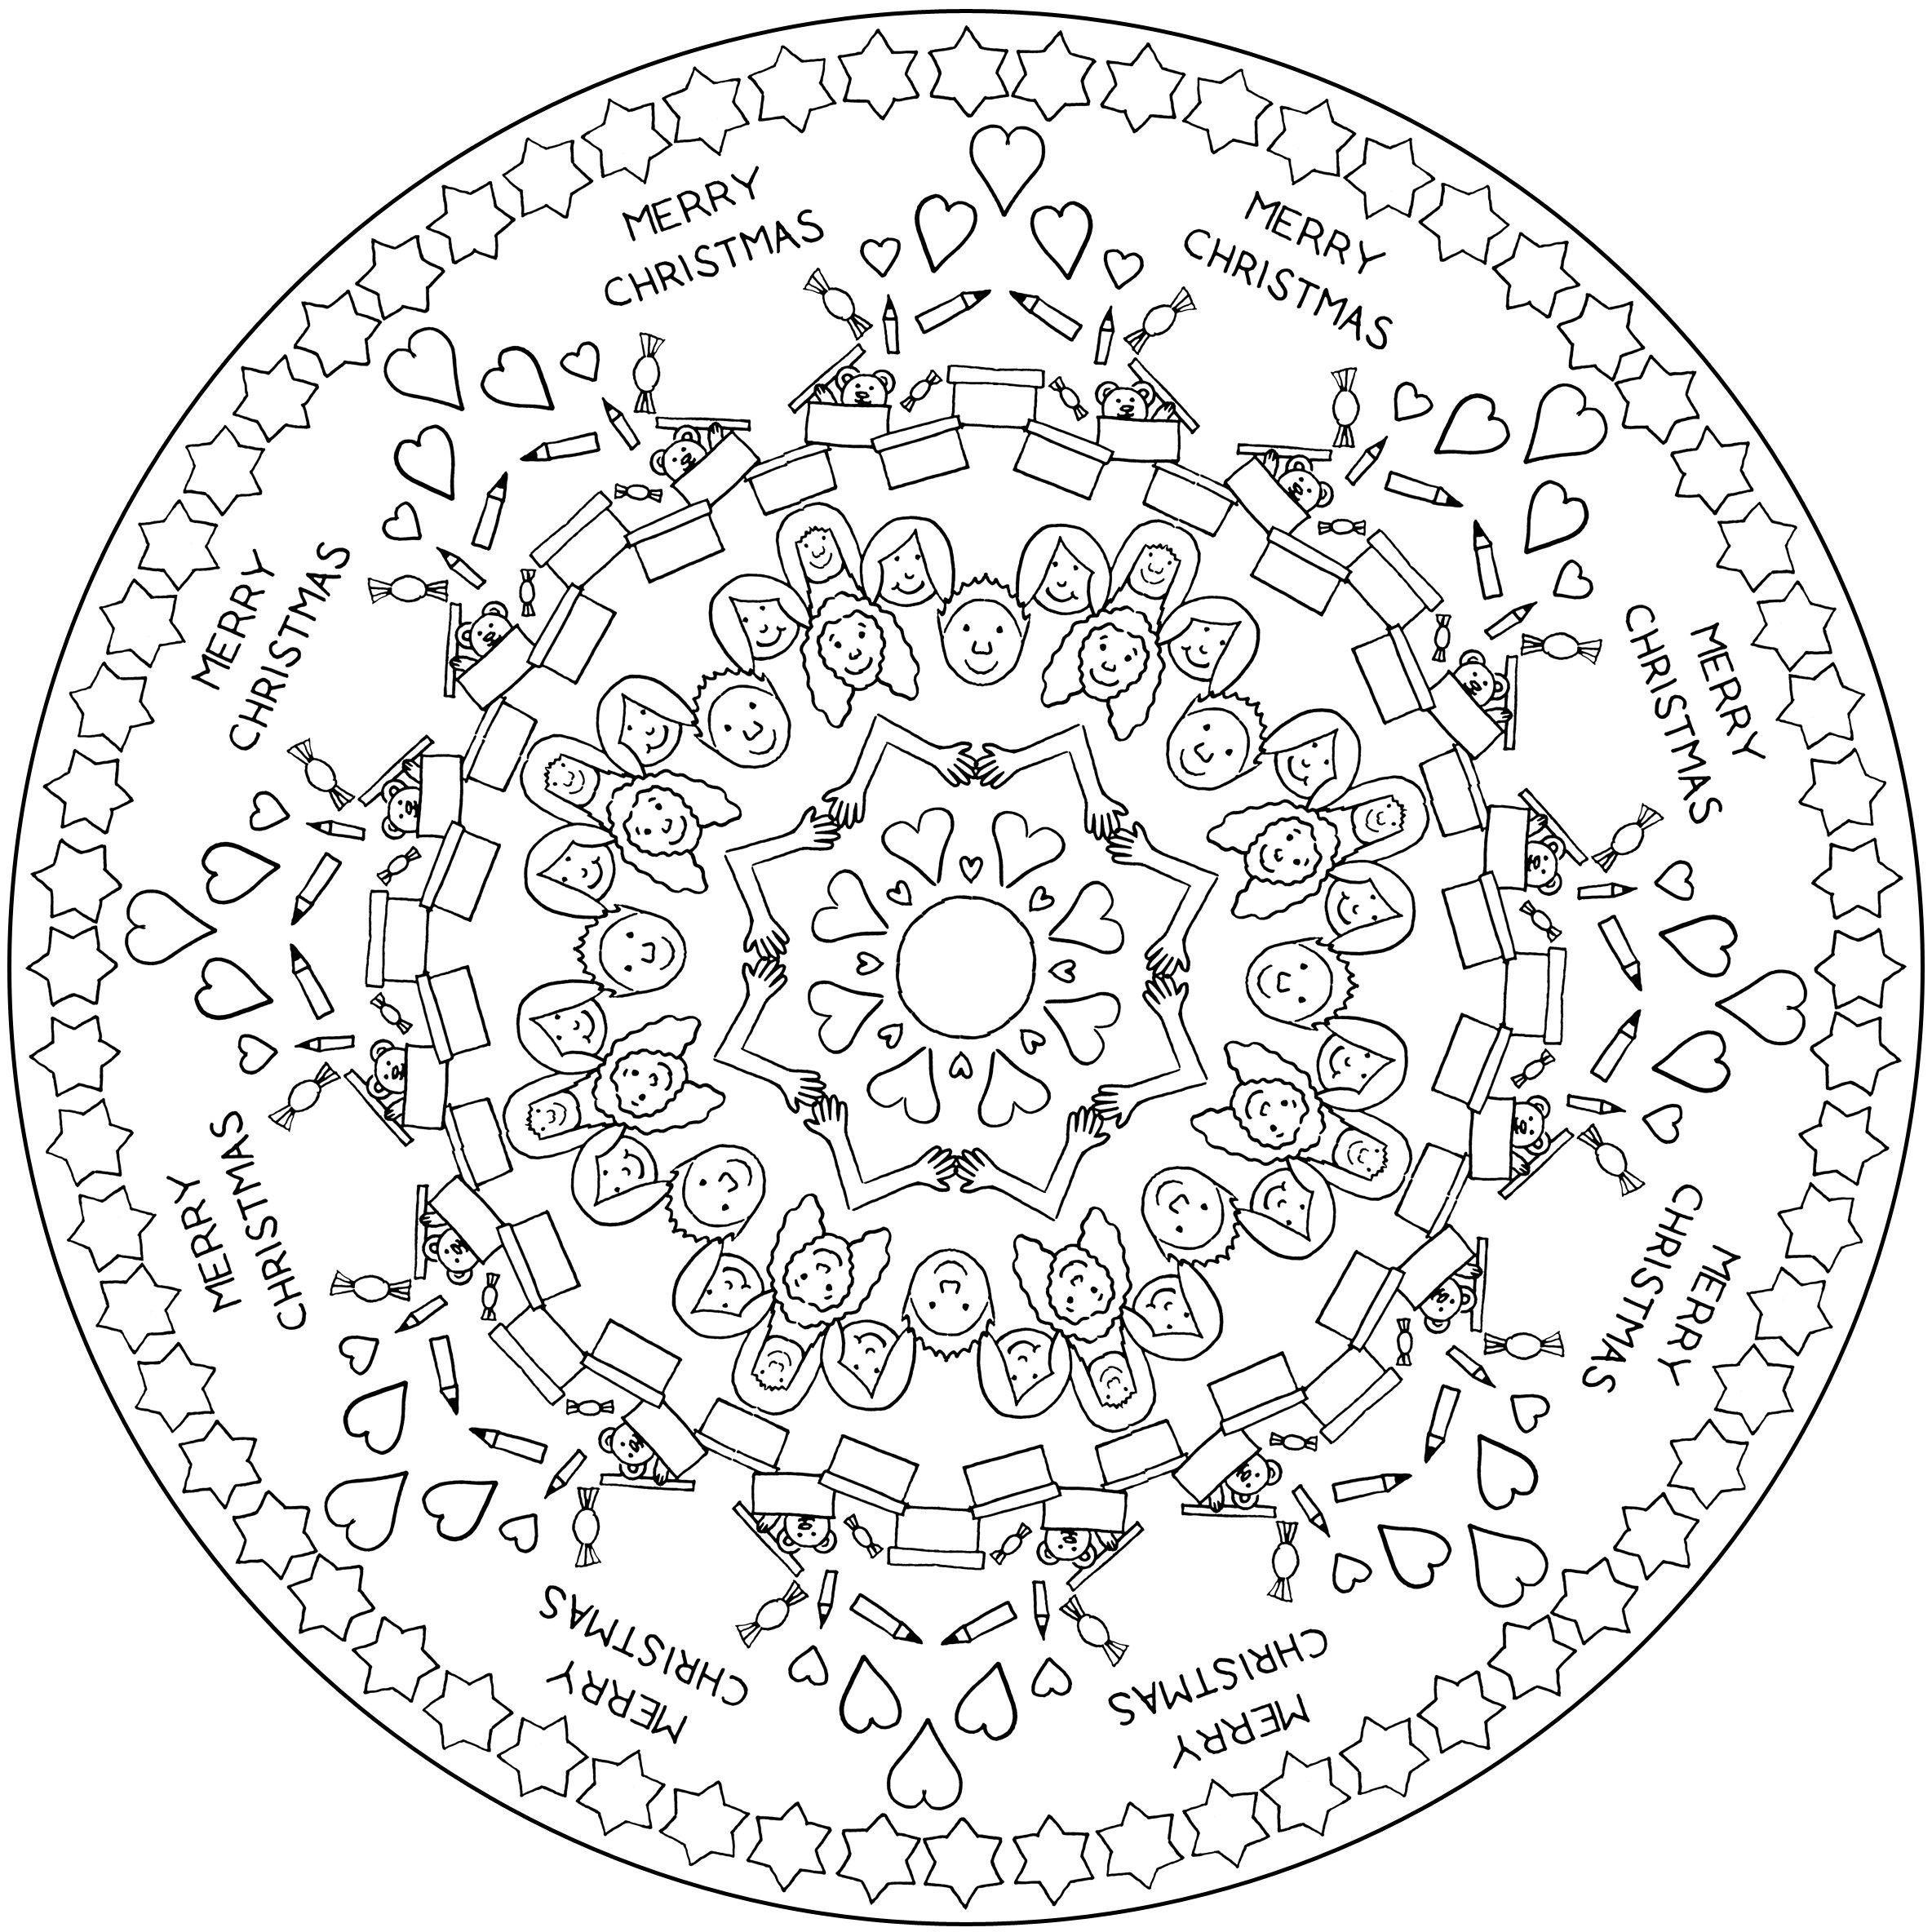 Ausmalbilder Weihnachten Online Ausmalen Neu Mandalas Zum Ausdrucken Weihnachten Frisch Einzigartig Fotos